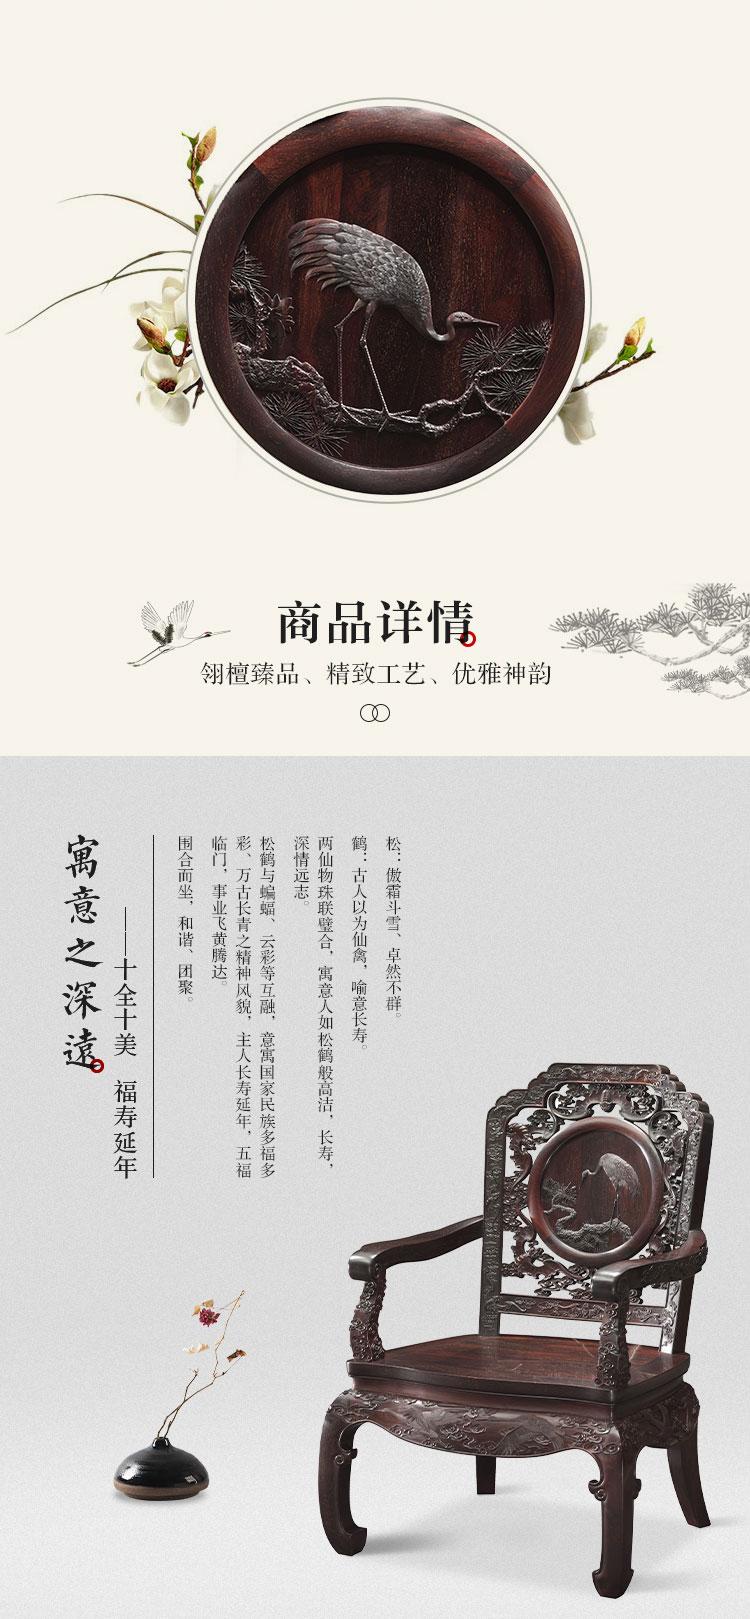 松鹤延年圆茶台-2.jpg